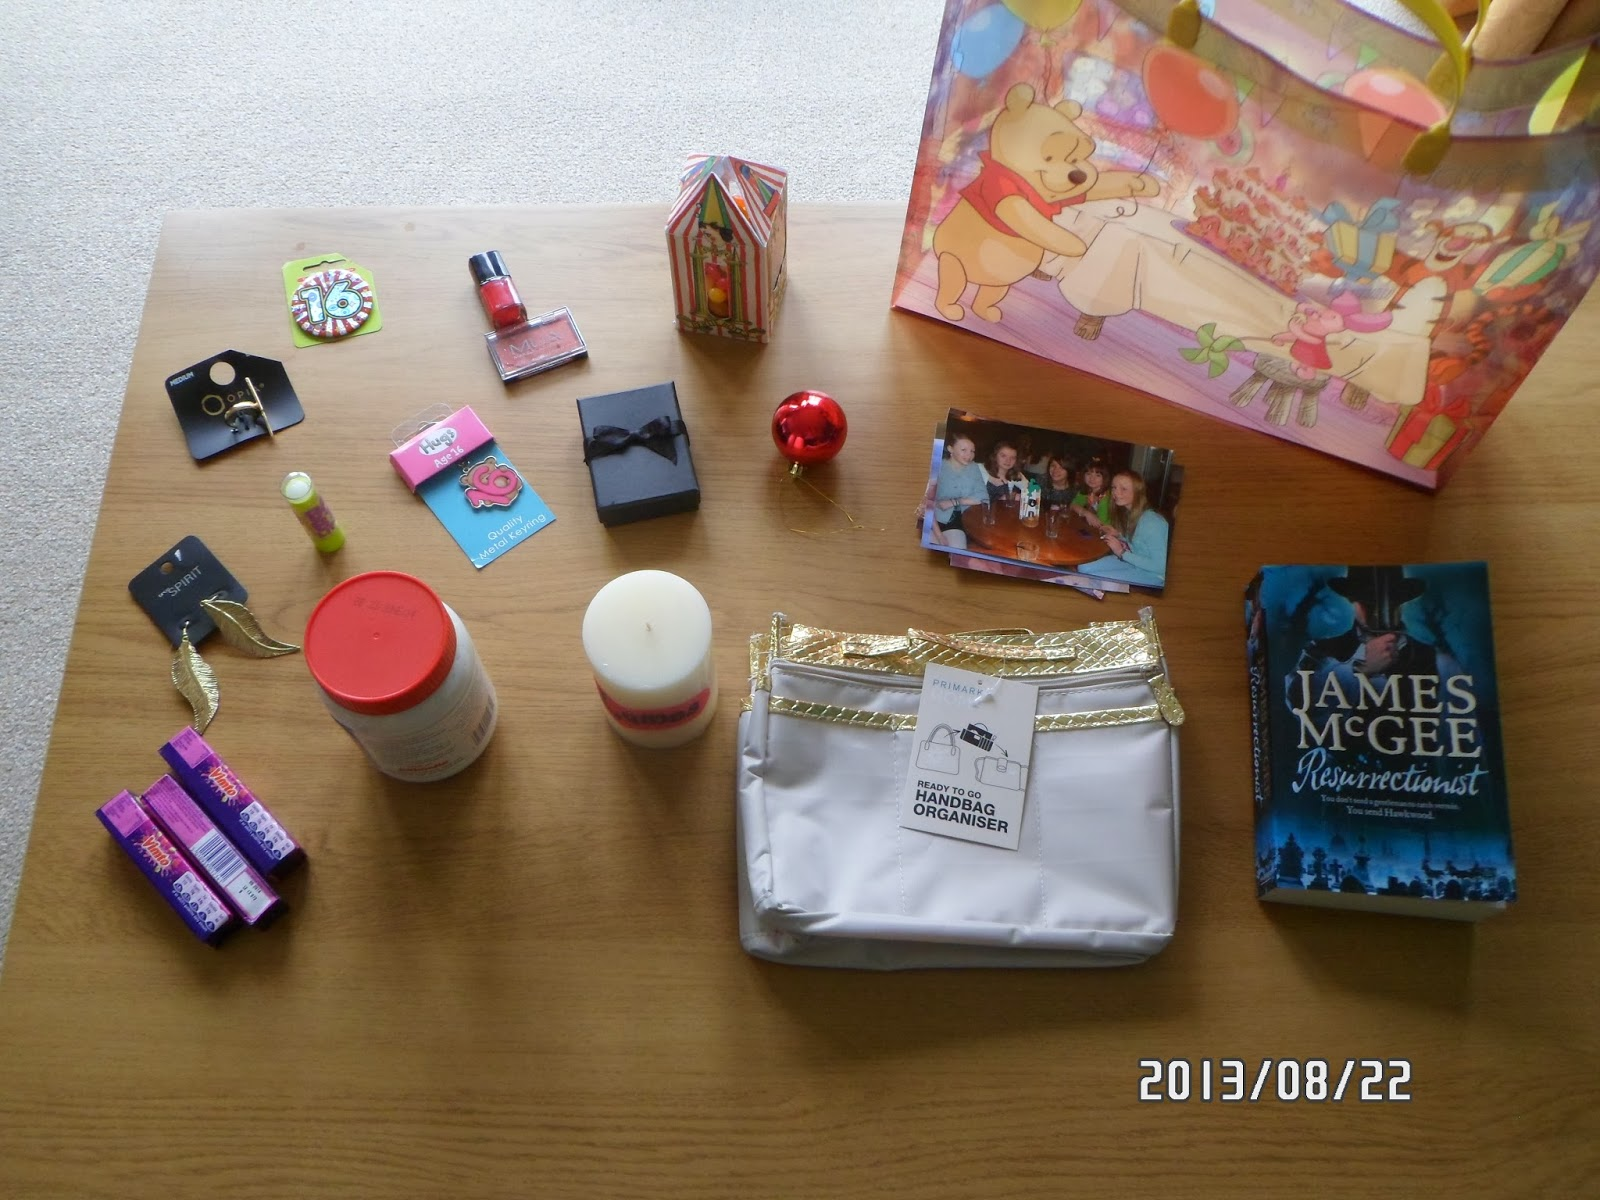 Beauty by a Geek: 16th Birthday Present Idea